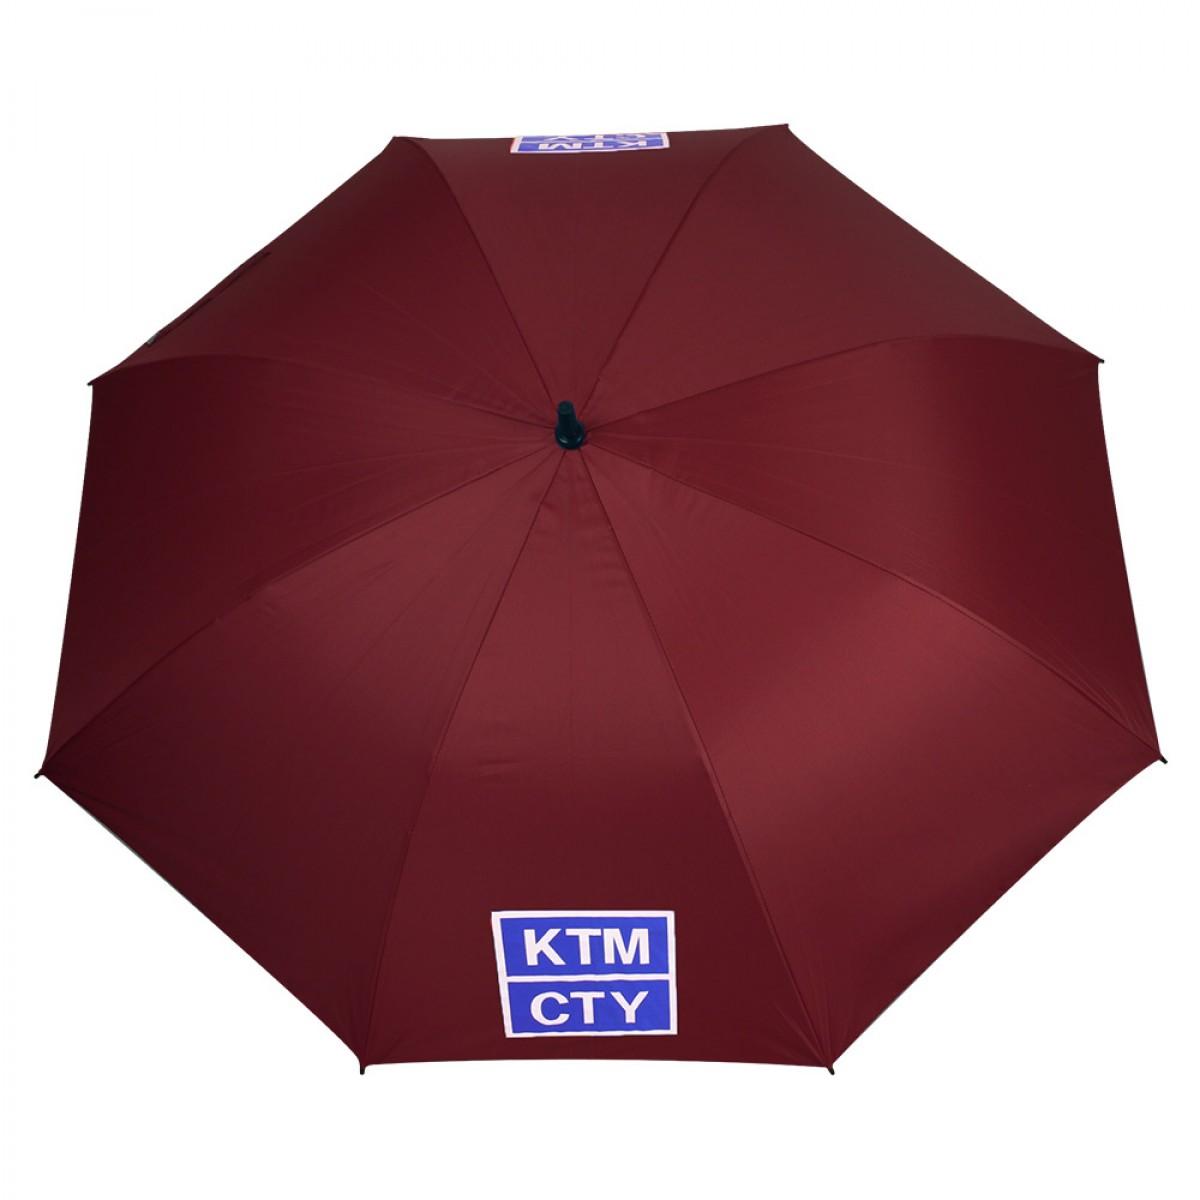 golf-umbrella-kgu1916-11a